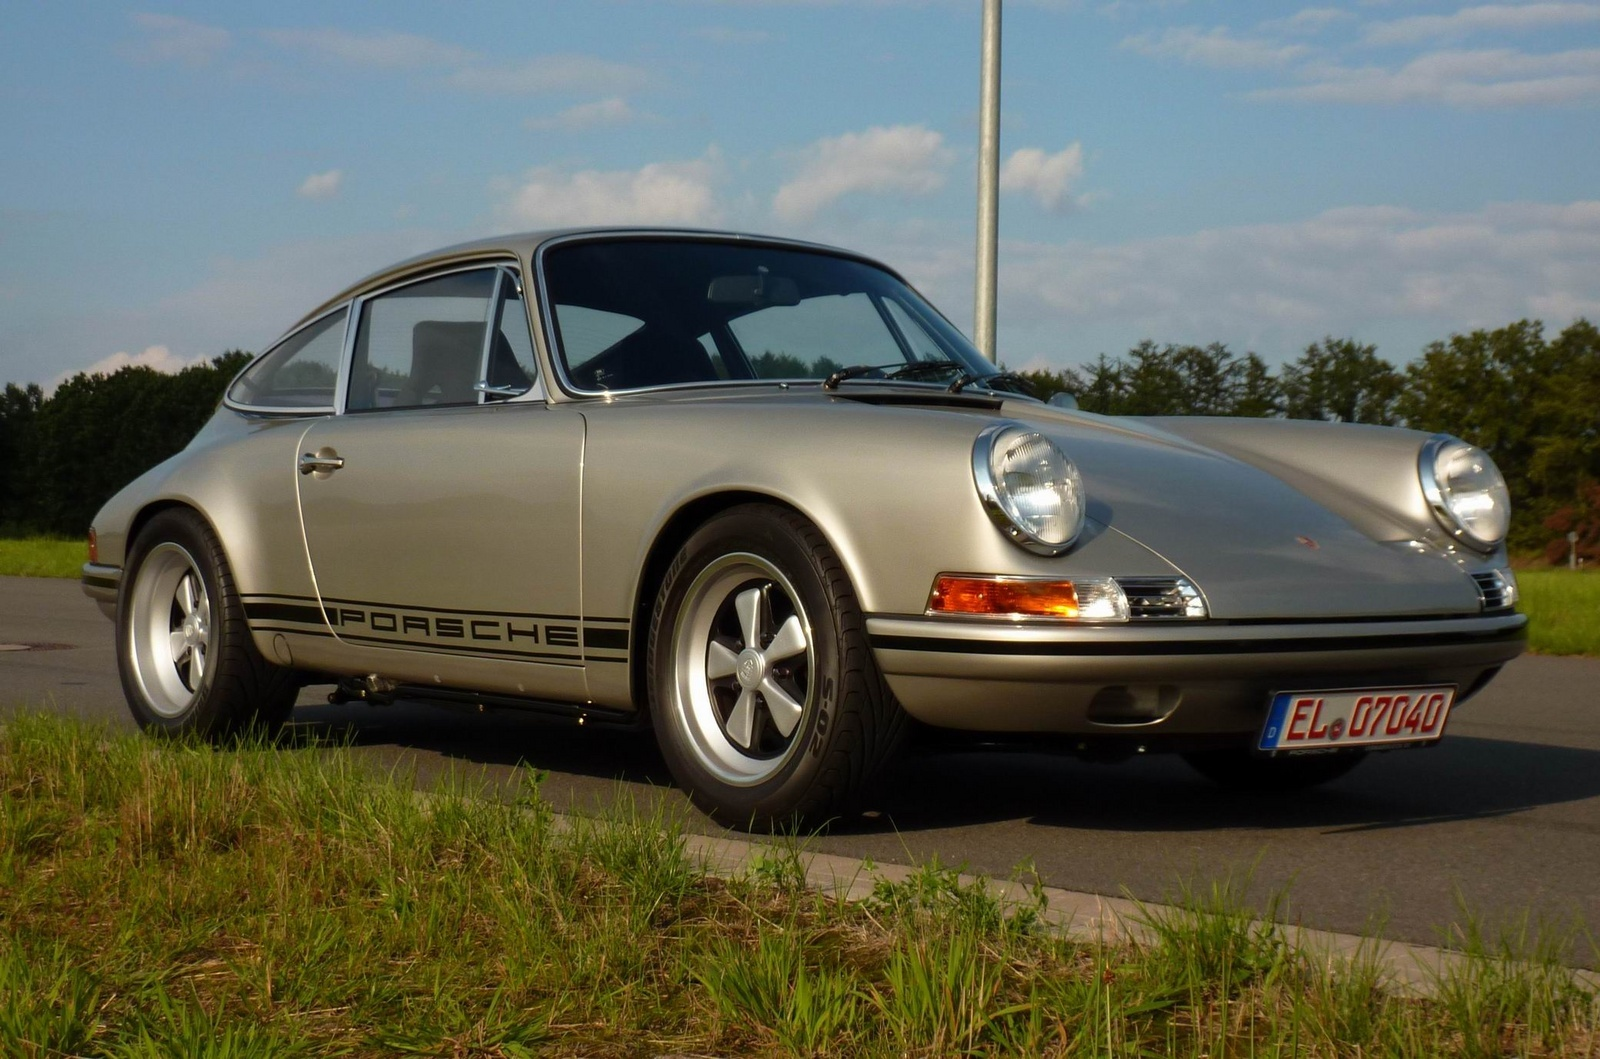 Terrific 1981 Porsche 911 Overview Cargurus Wiring Cloud Icalpermsplehendilmohammedshrineorg